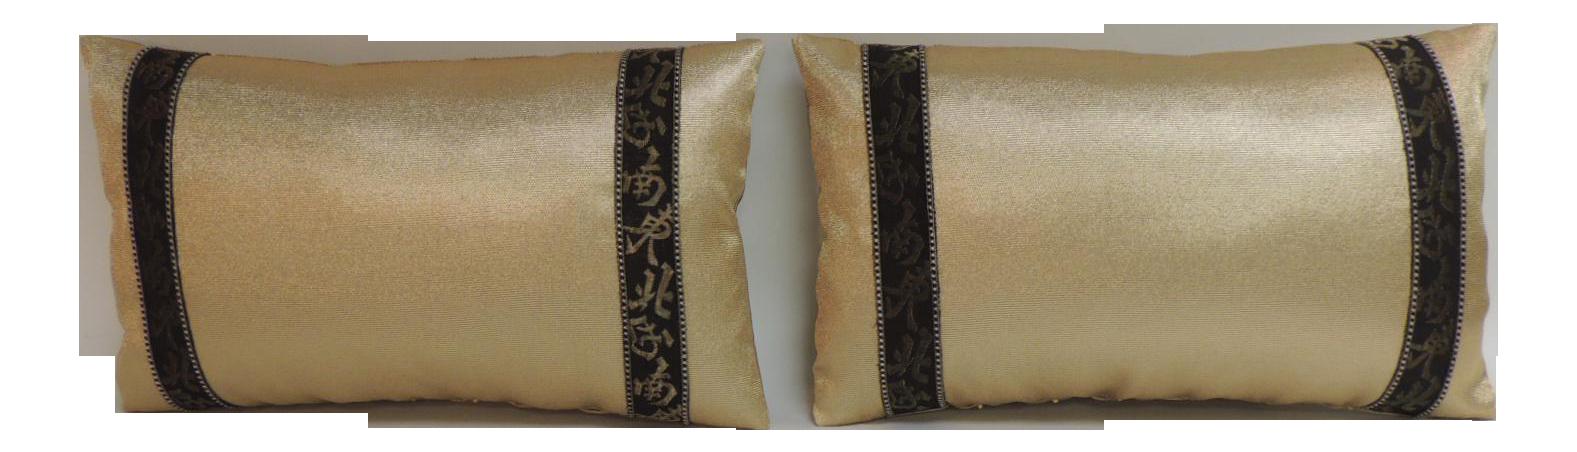 Pair Of Black And Gold Obi Silk Lumbar Vintage Decorative Pillows